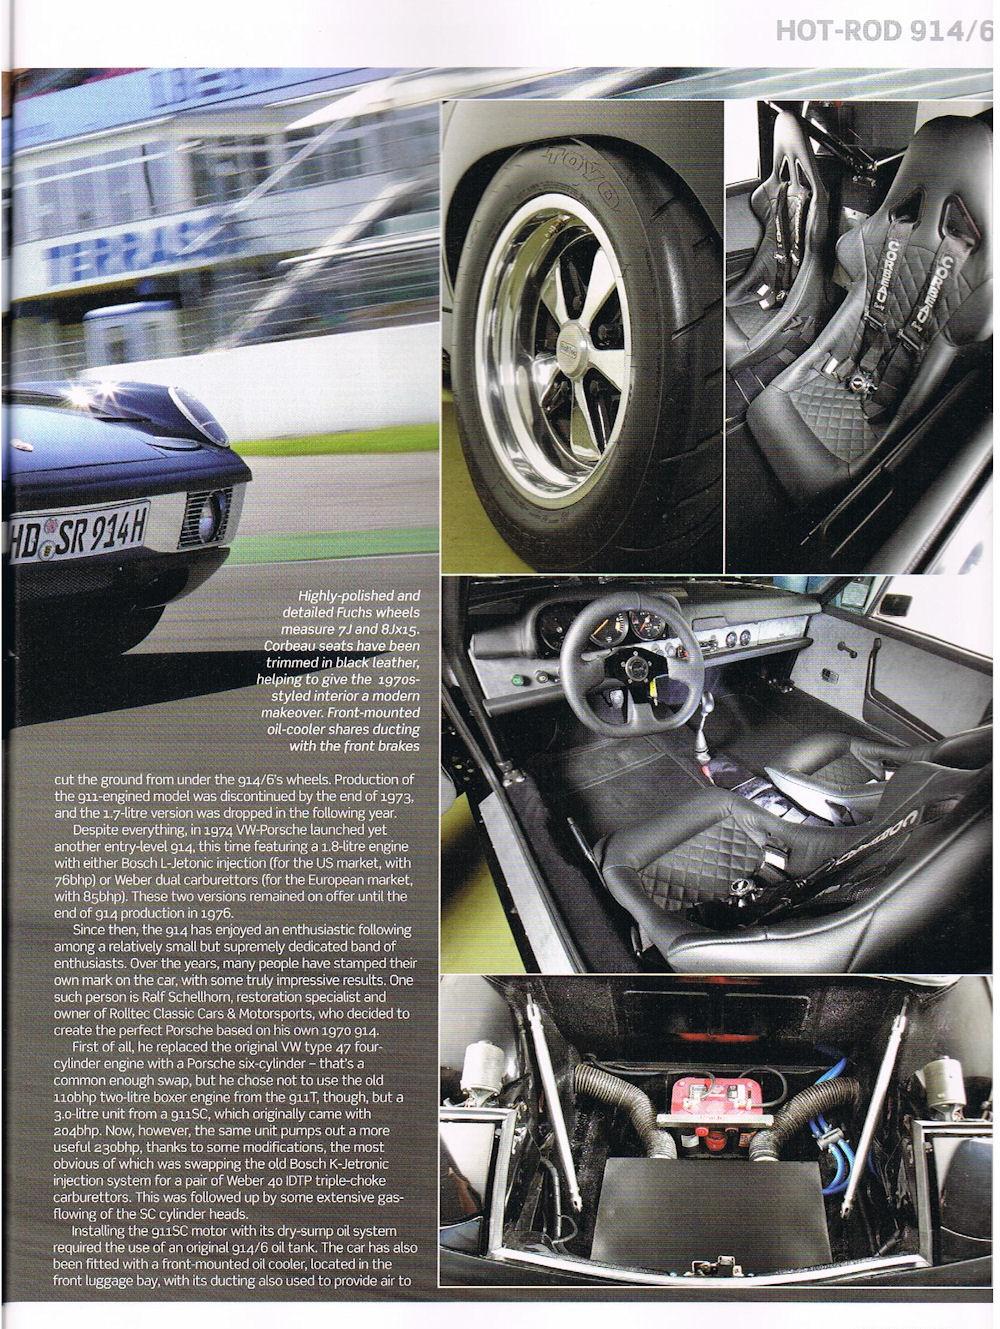 porsche-914-classic-porsche-magazin-2011_5-jpeg-jpeg-jpeg-jpeg